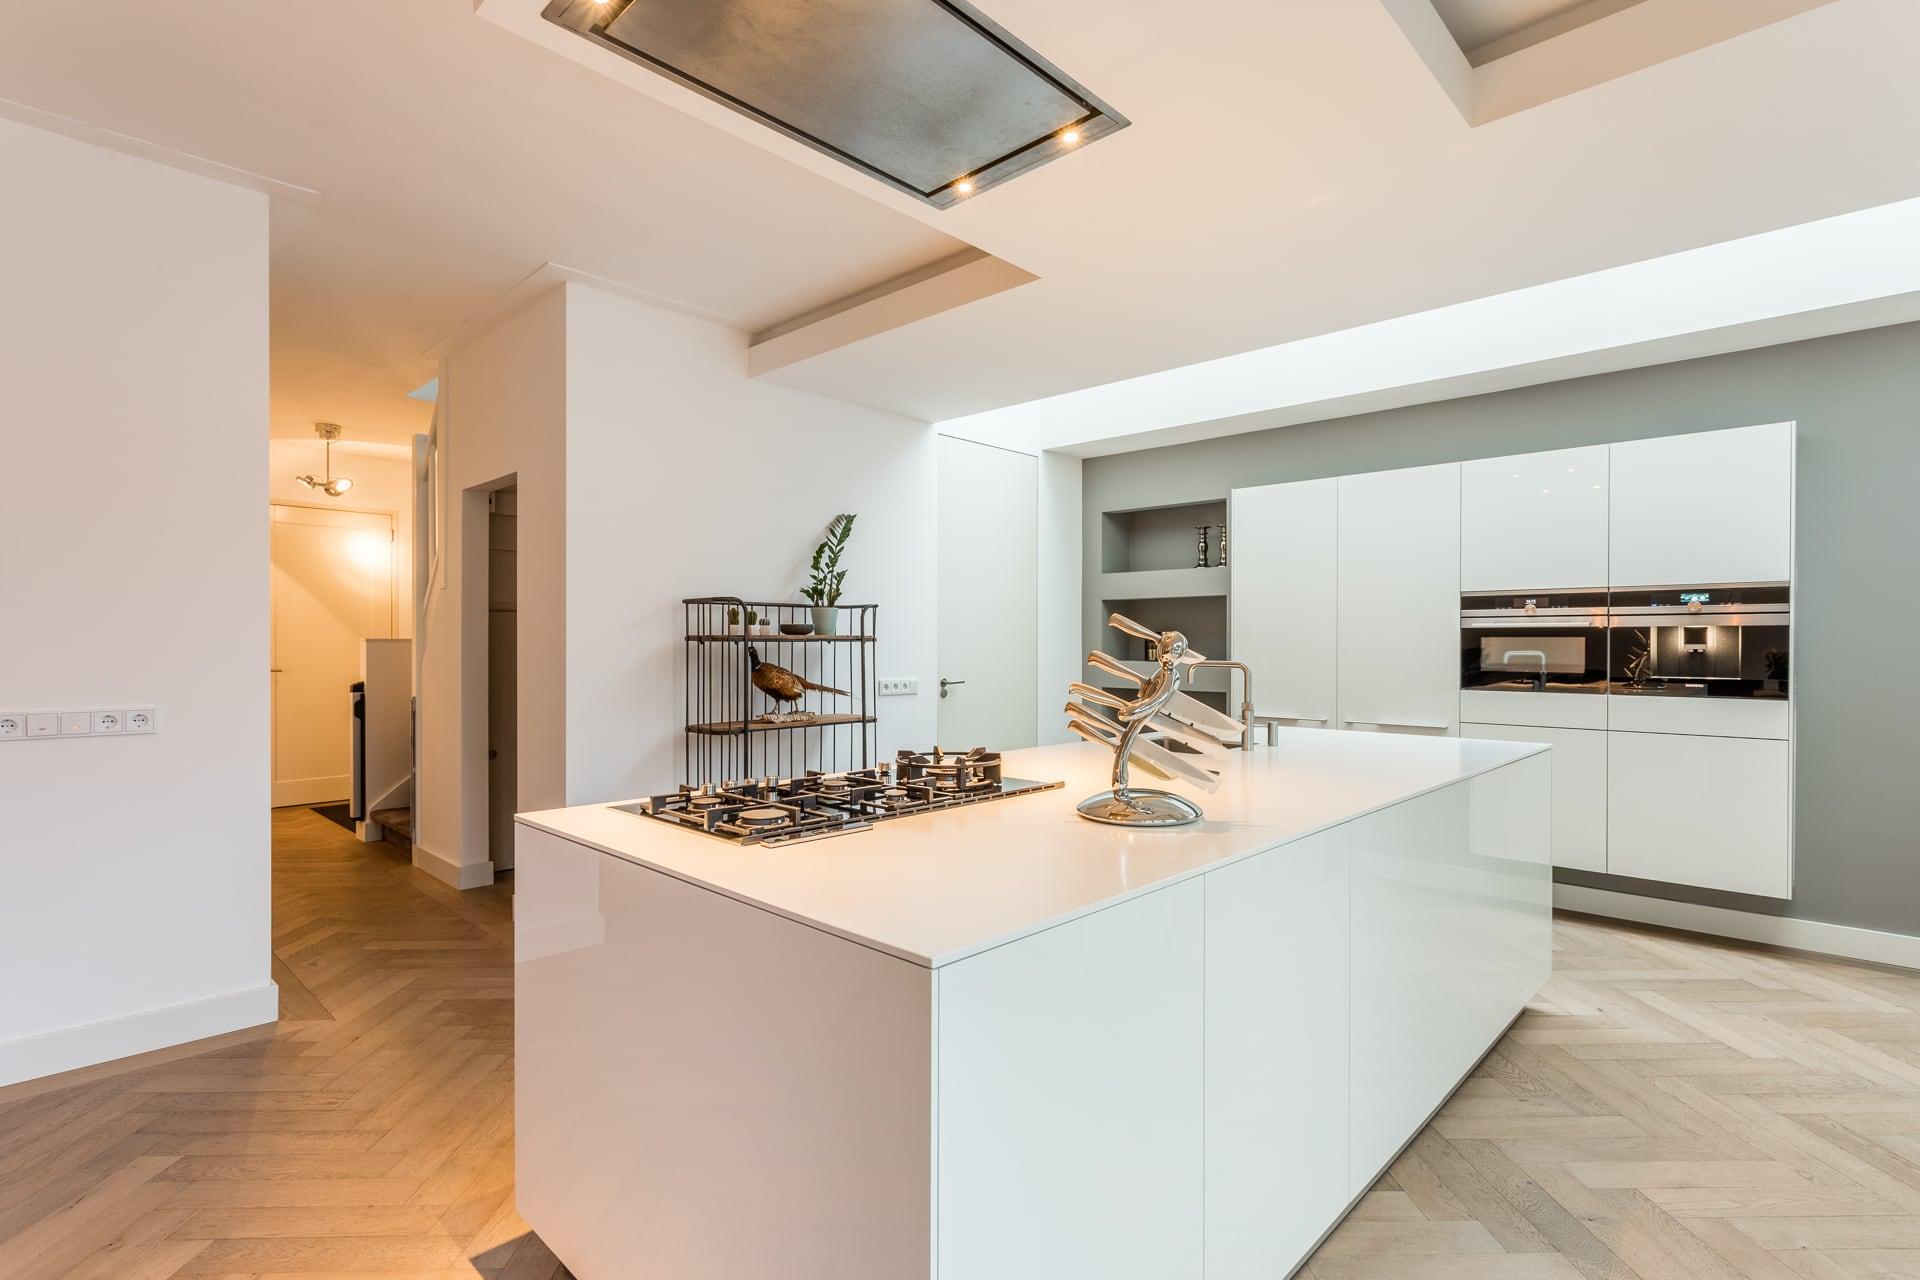 van-Os-architecten-verbouwing-2-onder-1-kapper-Valkenierslaan-Breda-kookeiland-met-luxe-kastenwand-en-lichtstraat